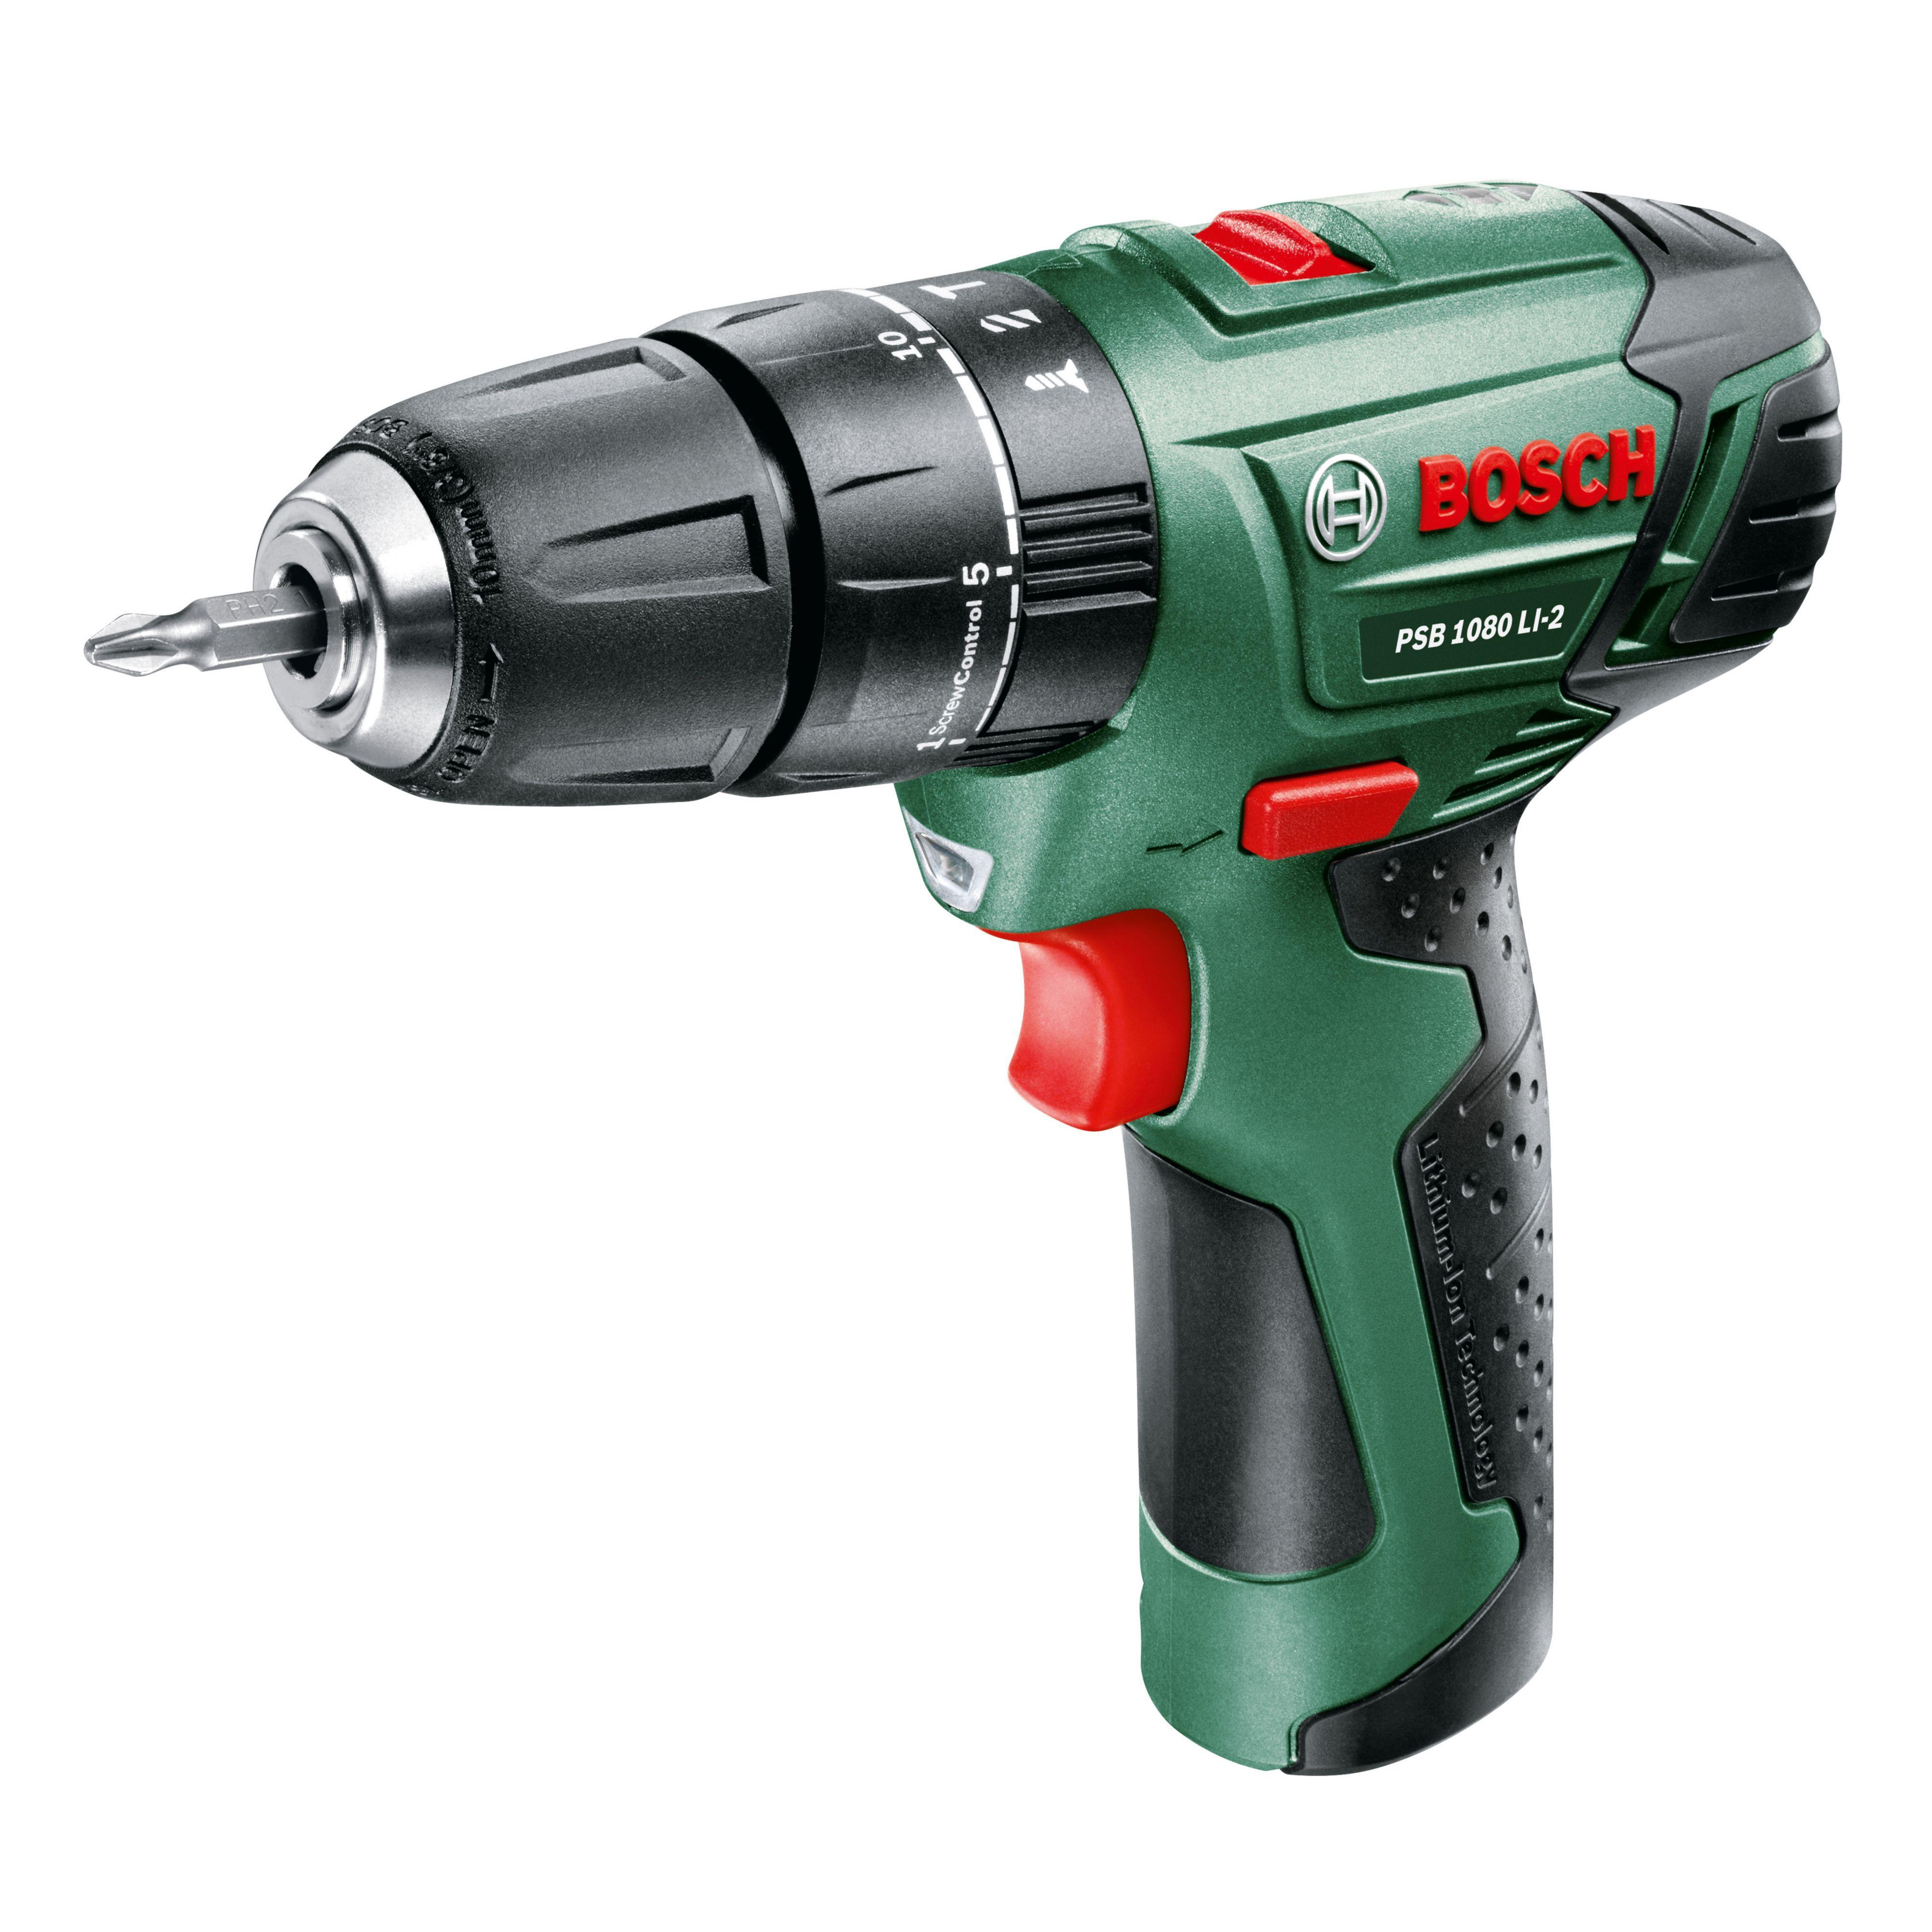 Bosch Cordless 10.8v 1.5ah Li-ion Hammer Drill 1 Battery Psb1080li-2